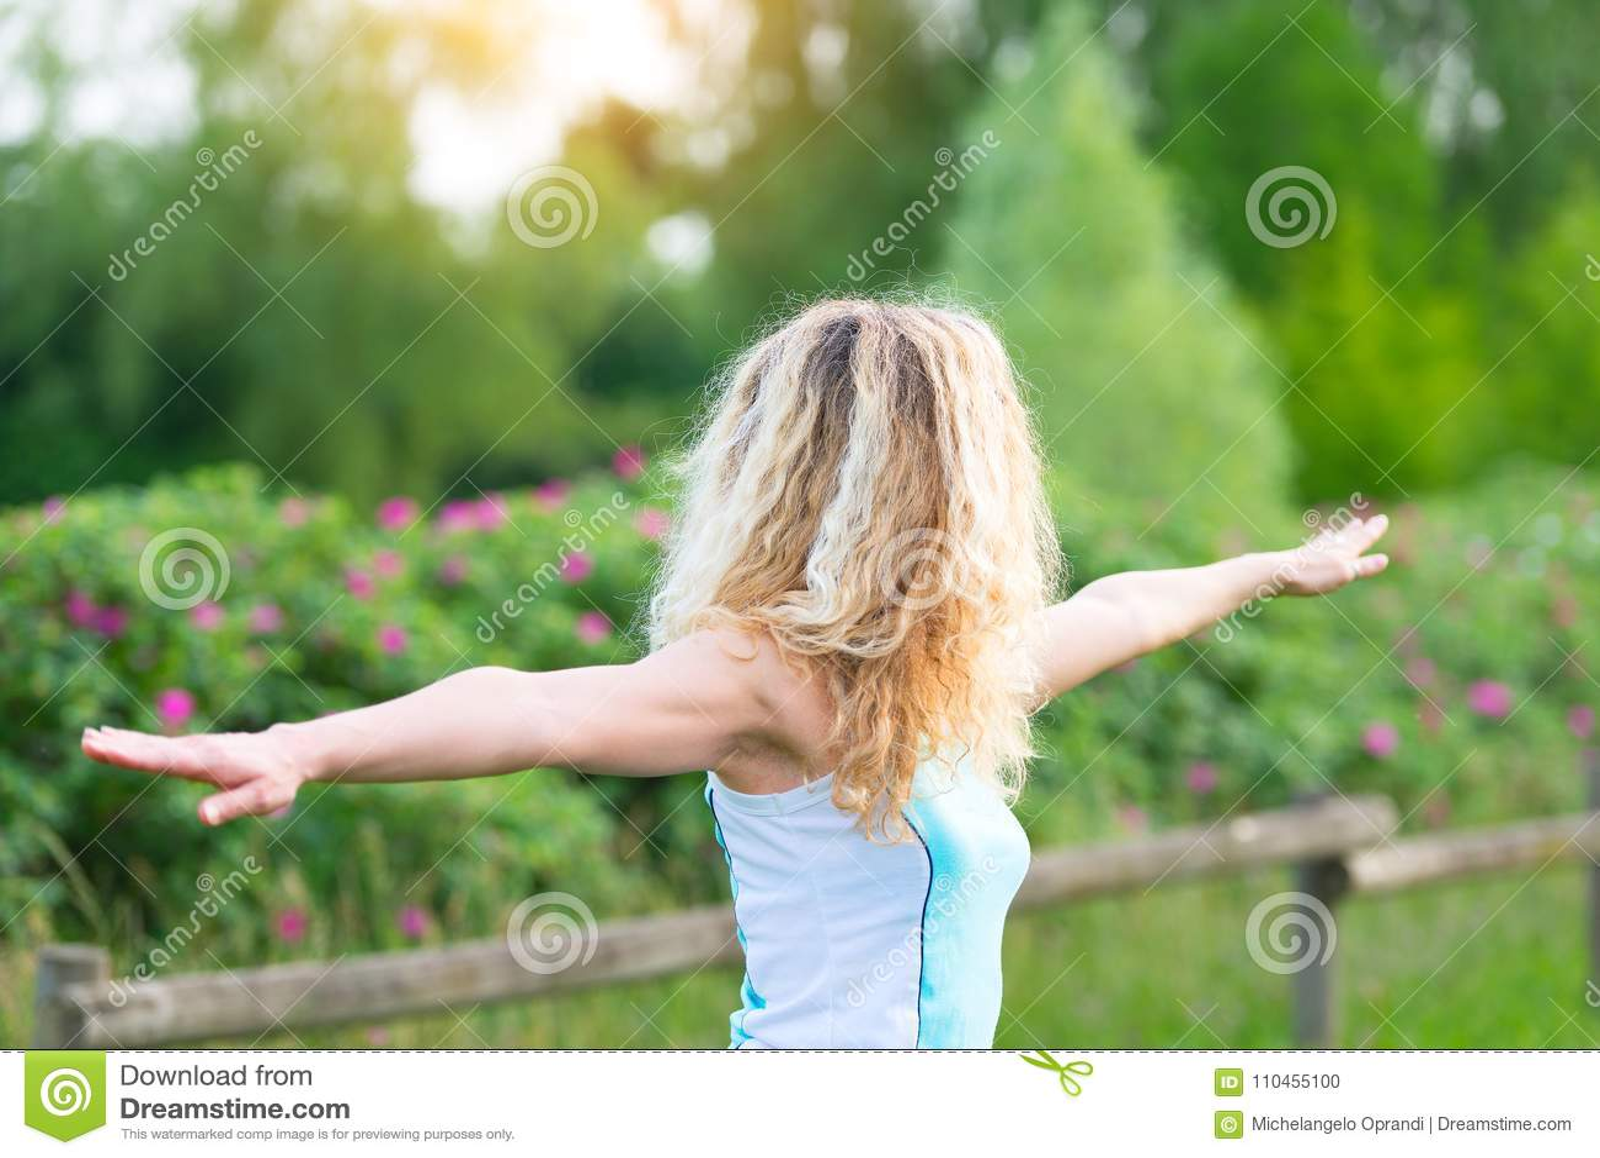 Den blonda flickan öva gymnastik i naturen